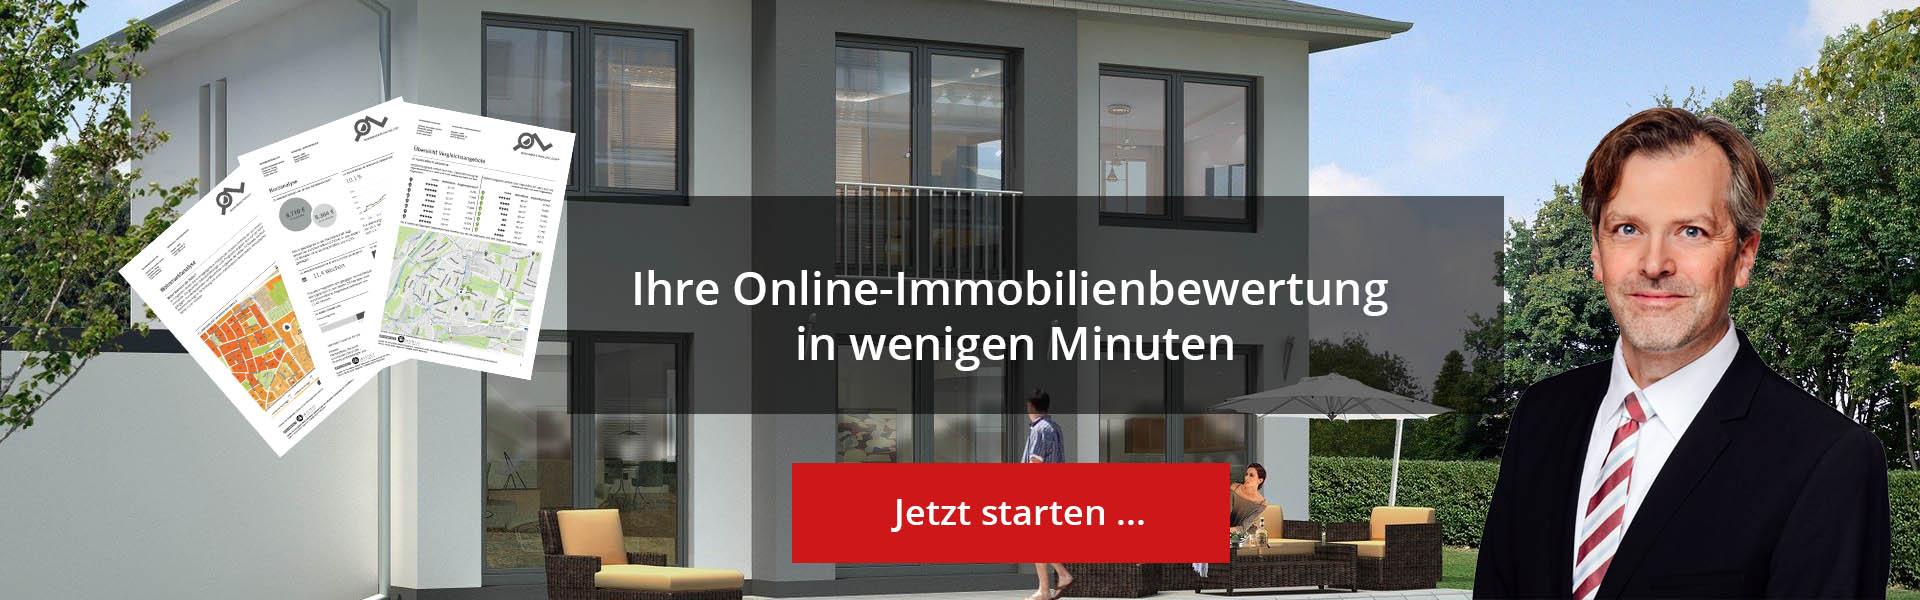 Herr Georgi und Online-Immobilienbewertung